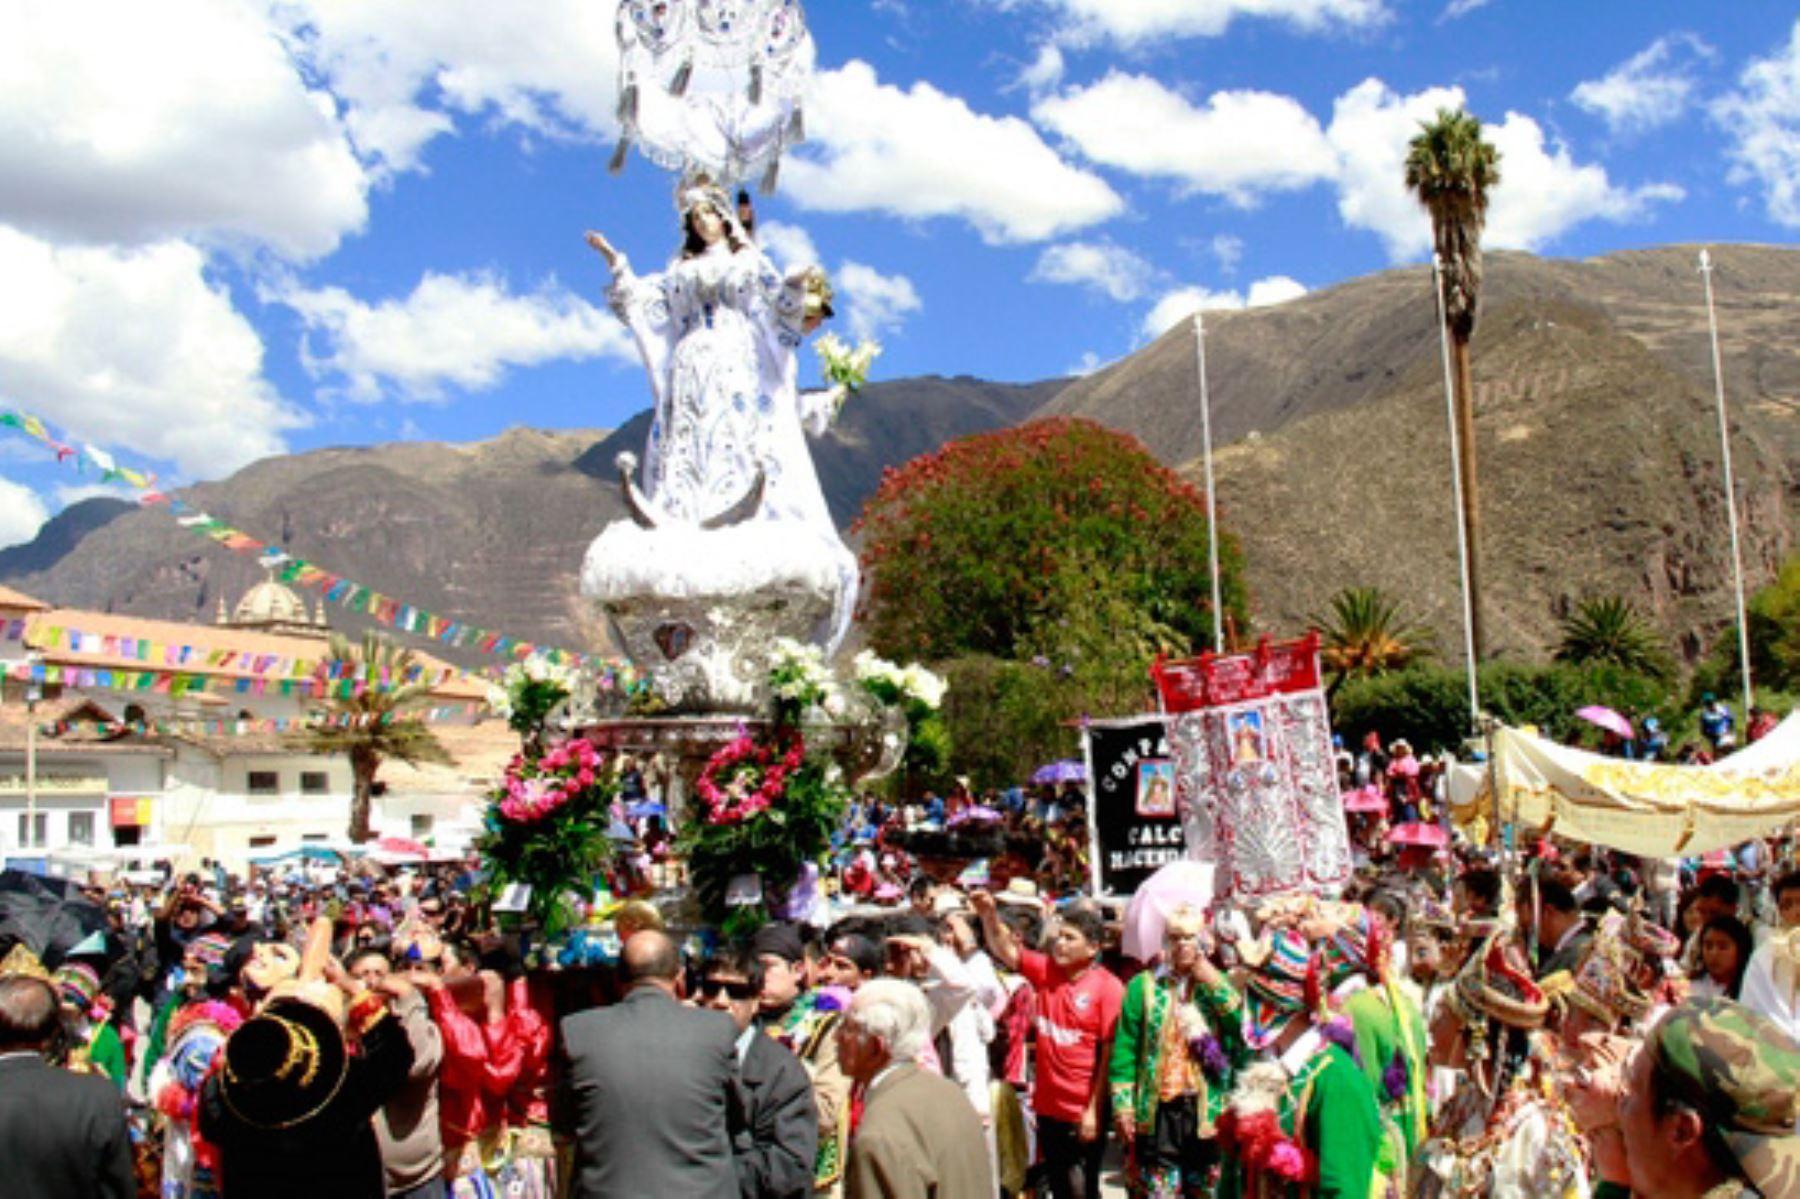 La Festividad de la Mamacha Asunta de Calca, en Cusco fue declarada Patrimonio Cultural de la Nación por el Ministerio de Cultura.